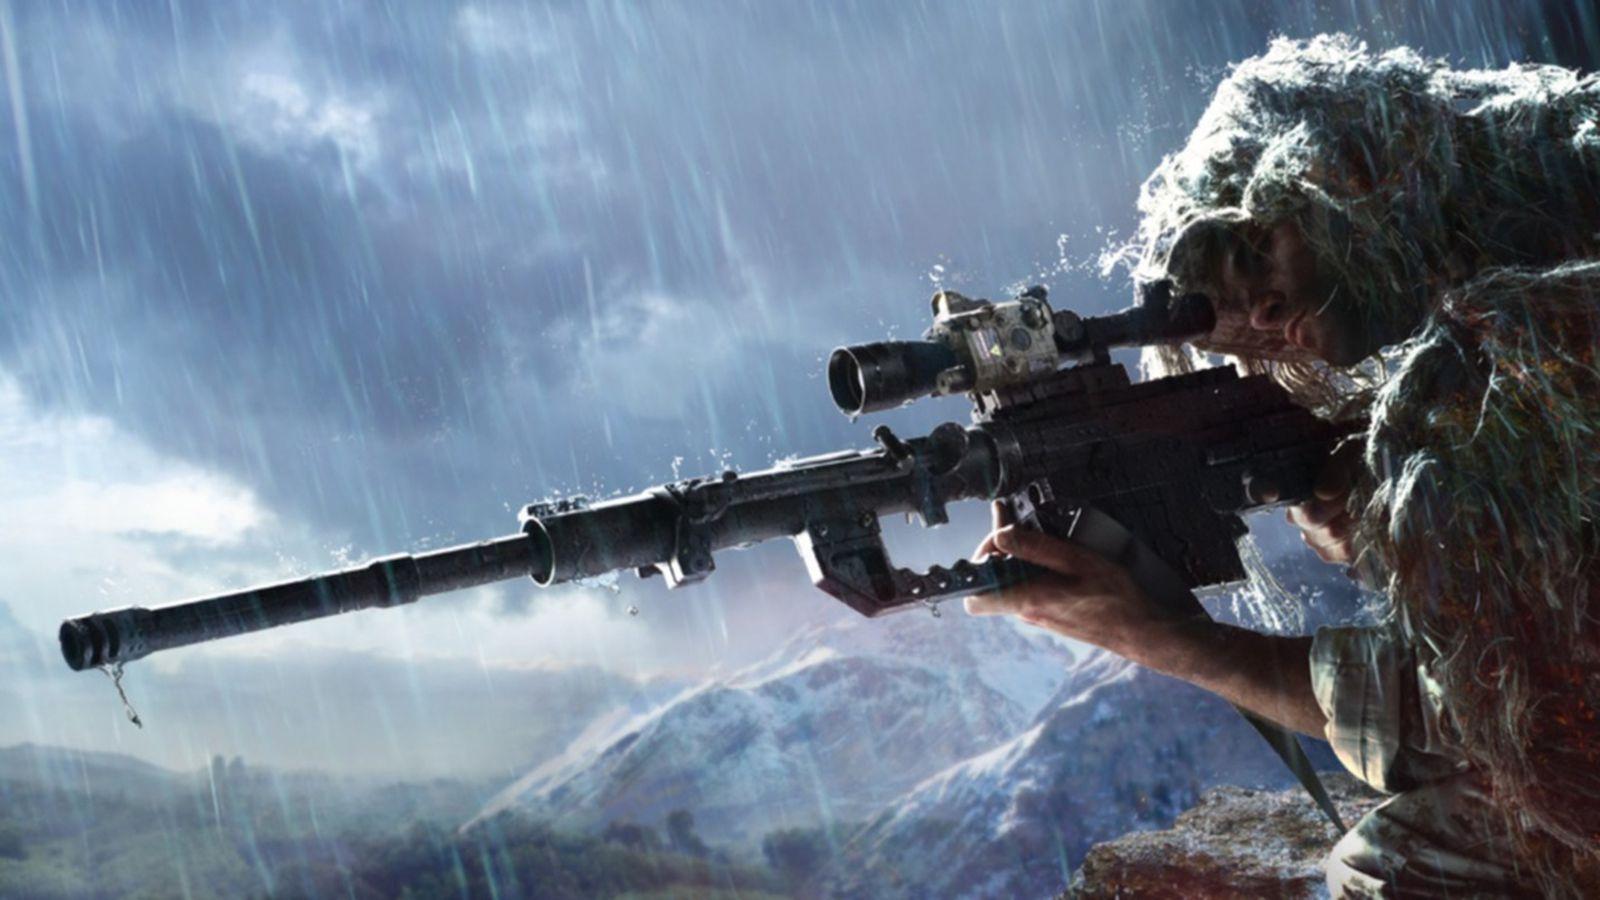 картинки снайпера из игры снайпер воин призрак абсолютно все